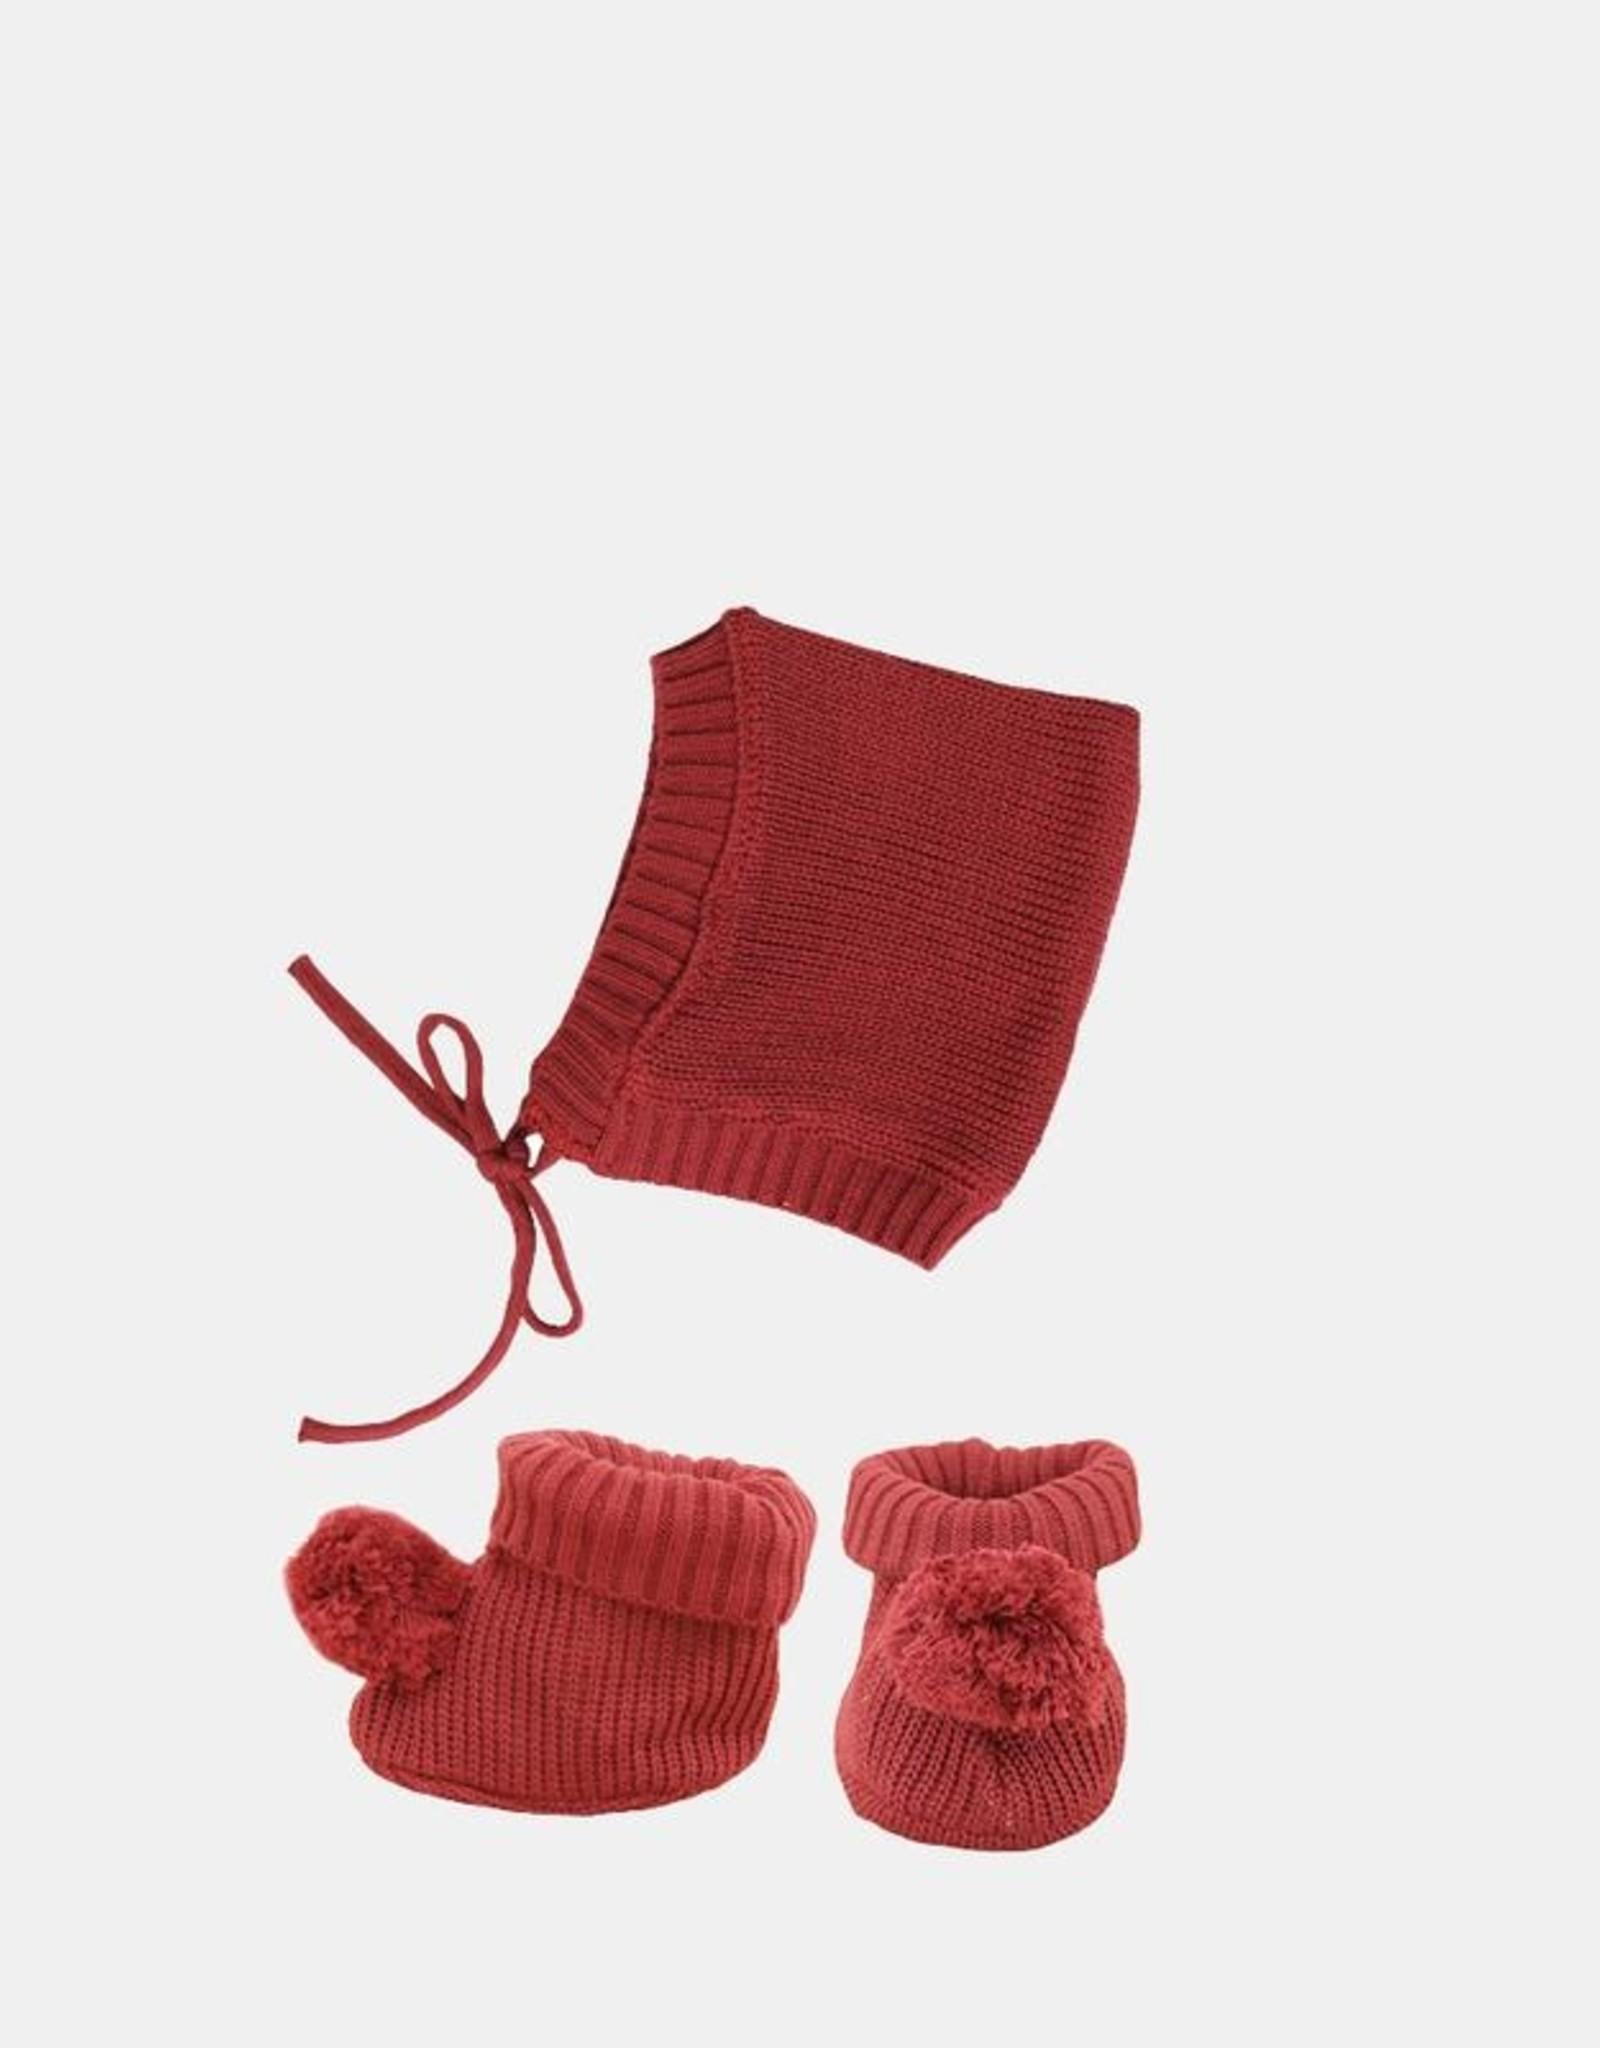 Olli Ella Olli Ella - Dinkum Doll Knit Set Plum